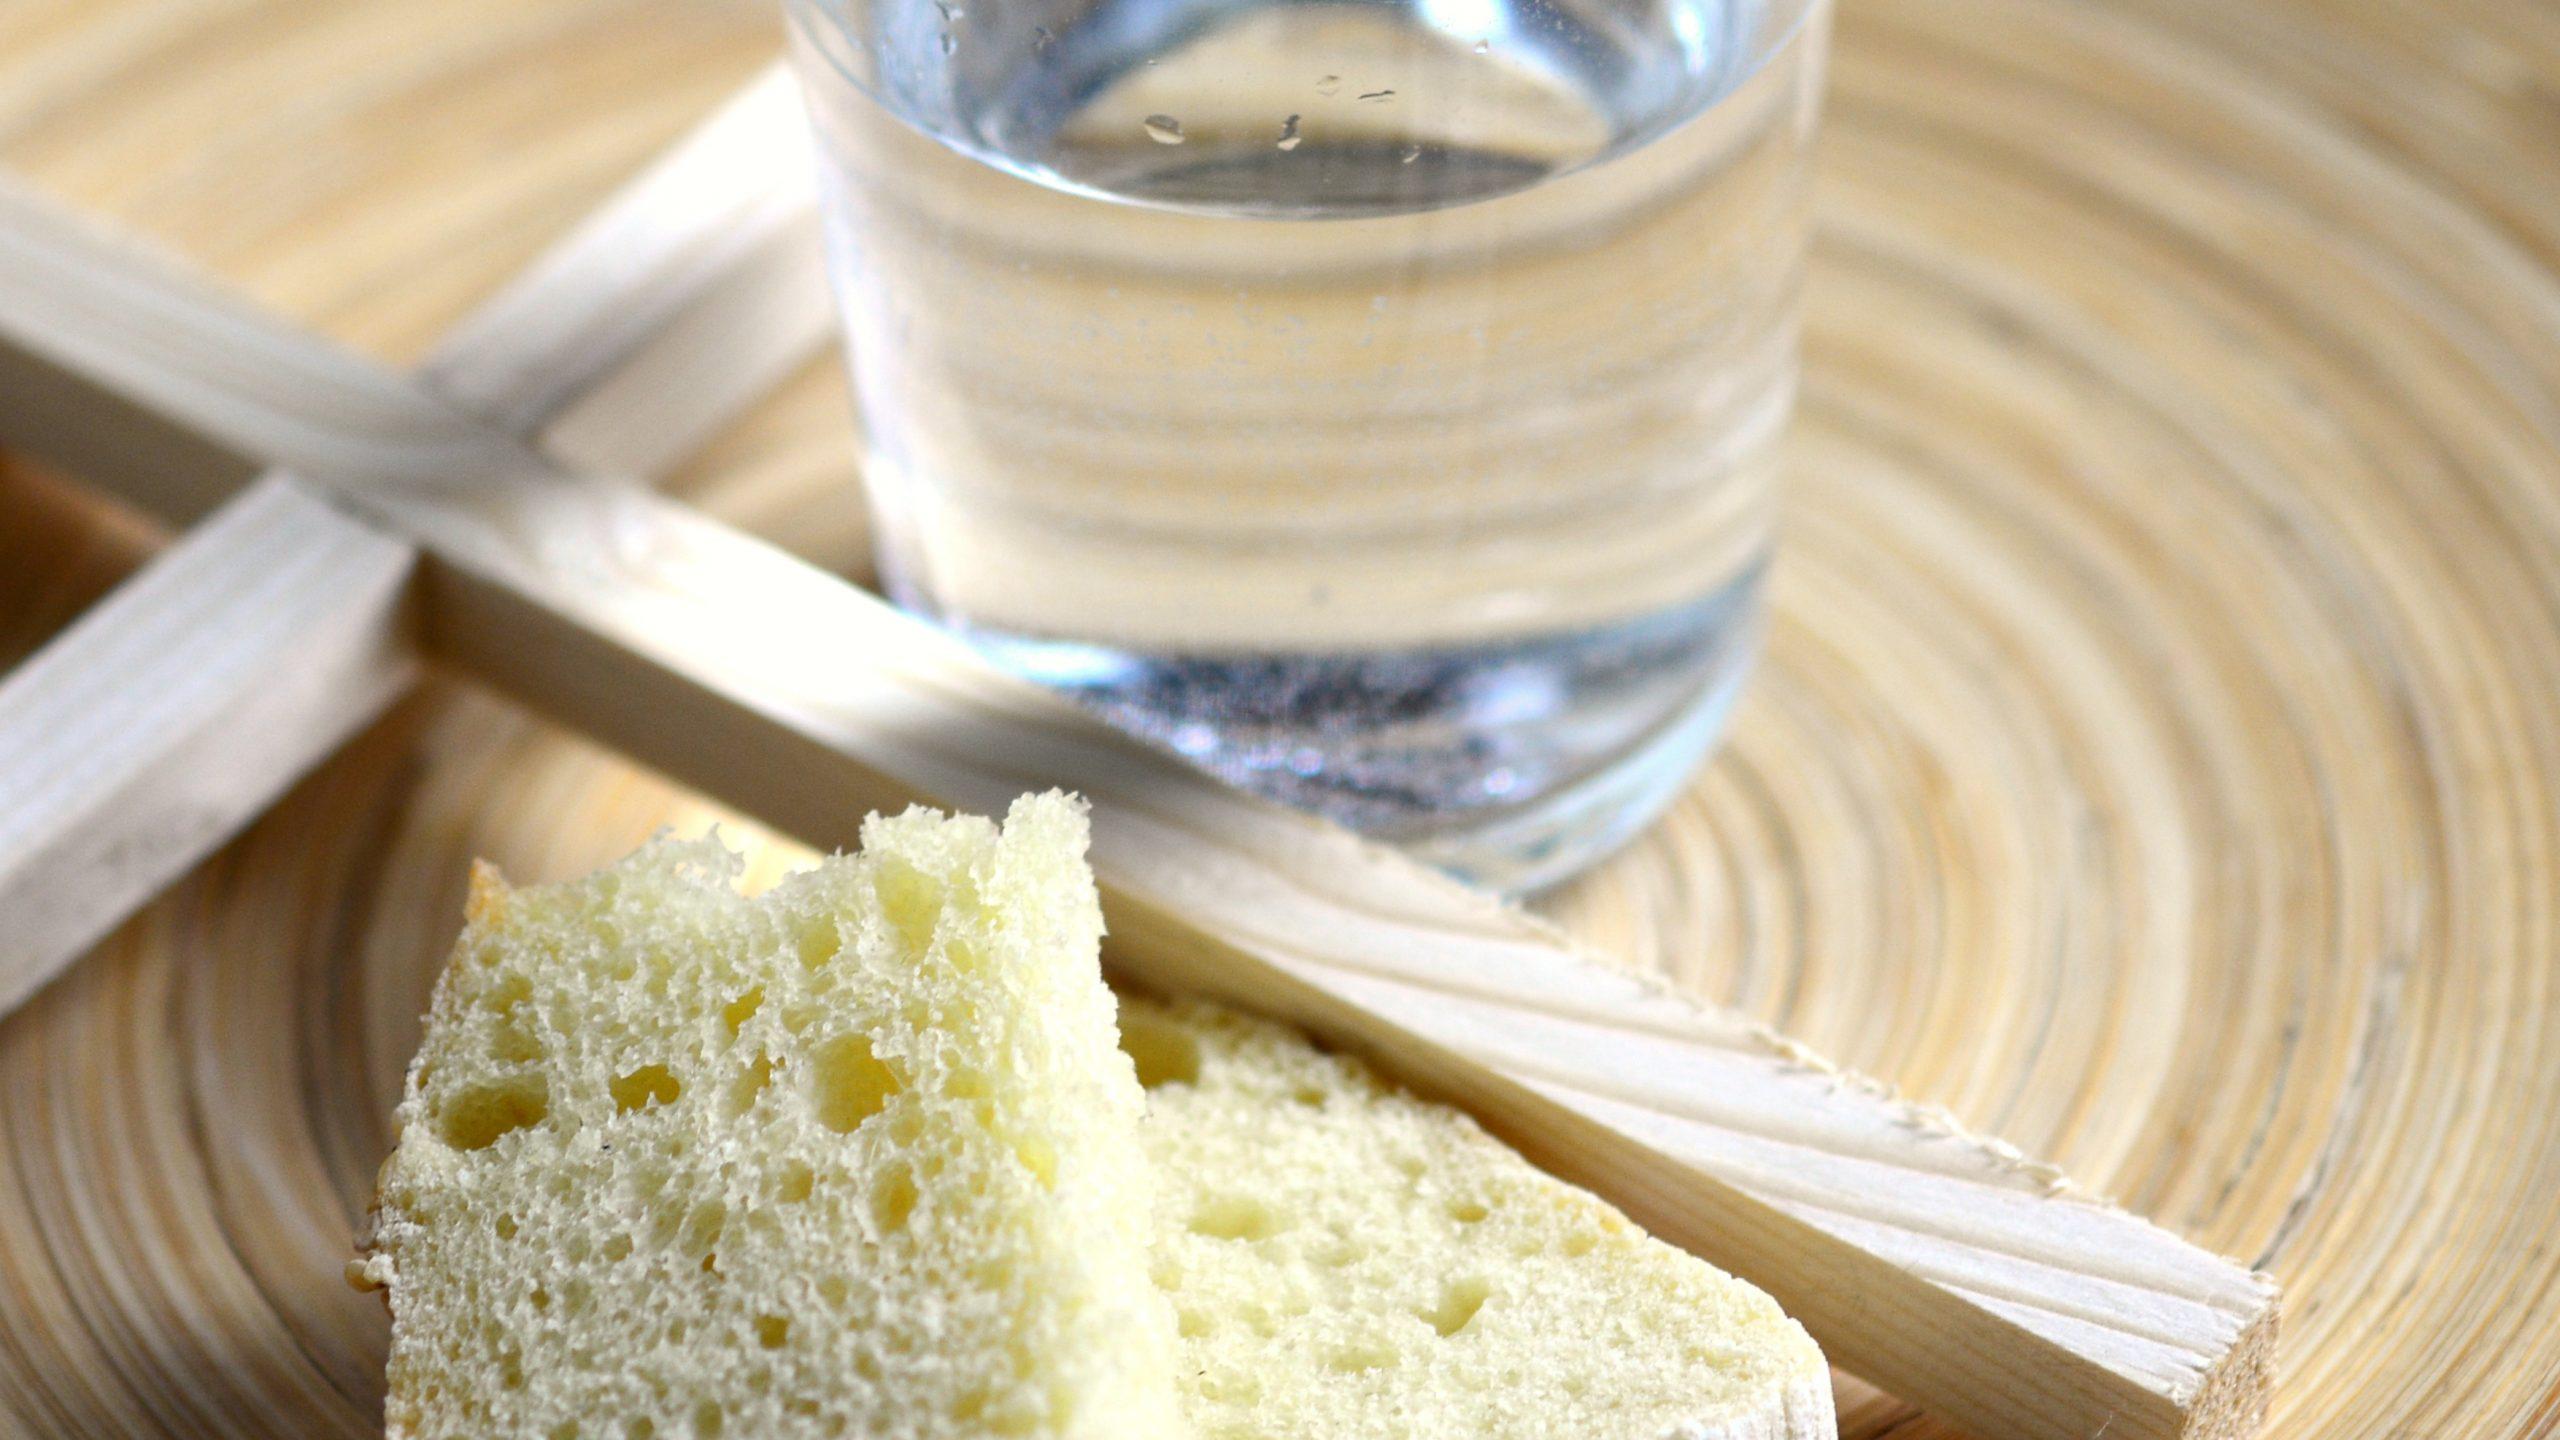 Brot, Wasser und Kreuz auf einem Teller